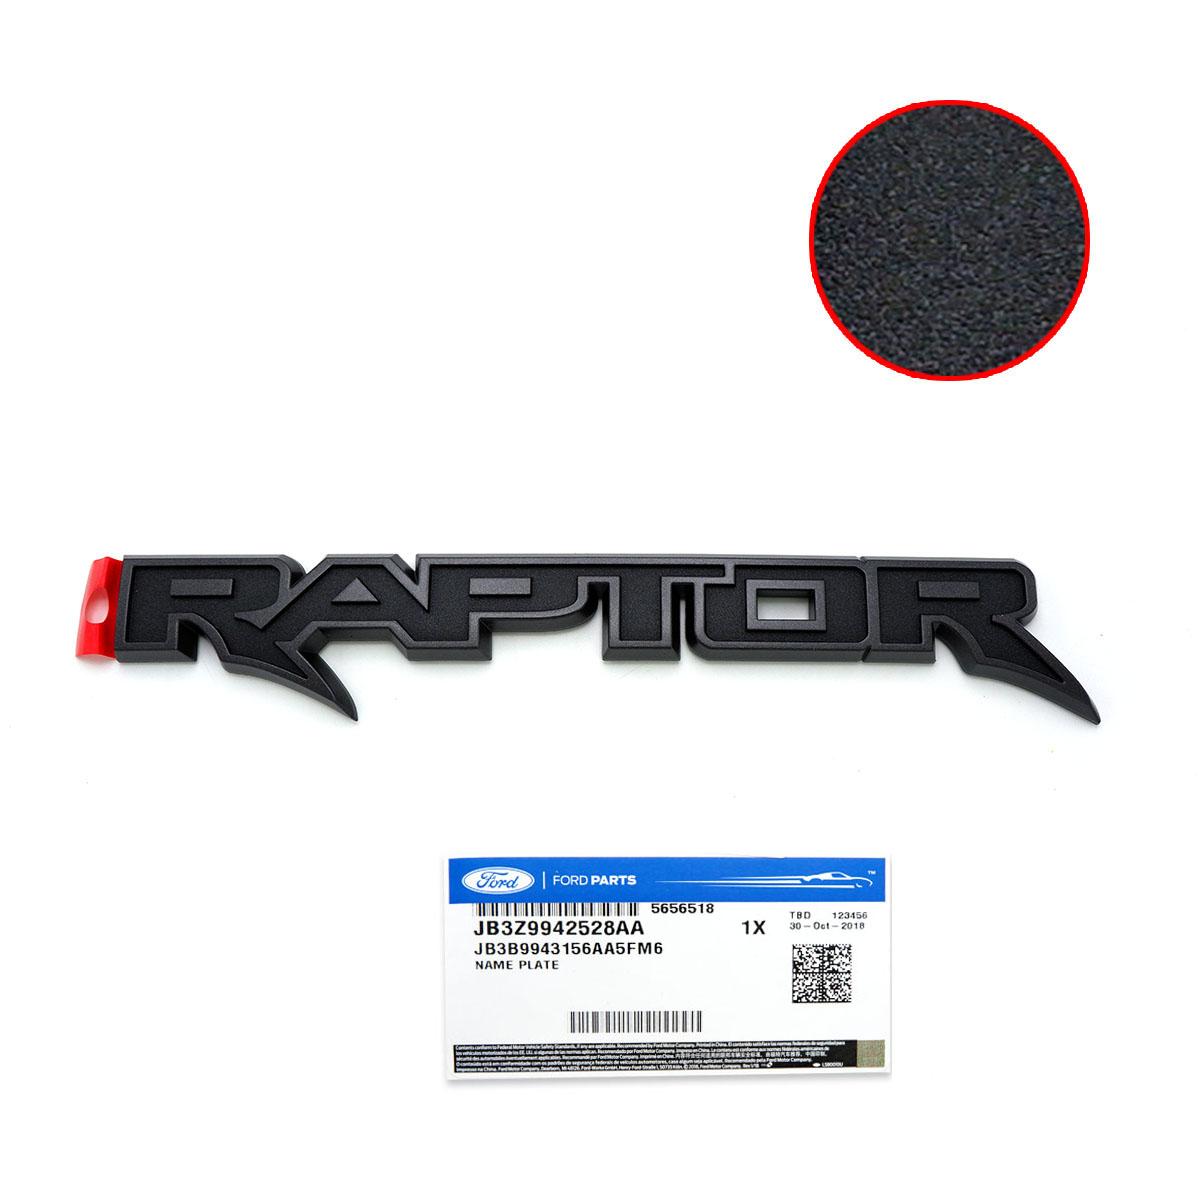 genuine raptor rear logo emblem raptor 3d black for ford ranger 2019 2020 ebay details about genuine raptor rear logo emblem raptor 3d black for ford ranger 2019 2020